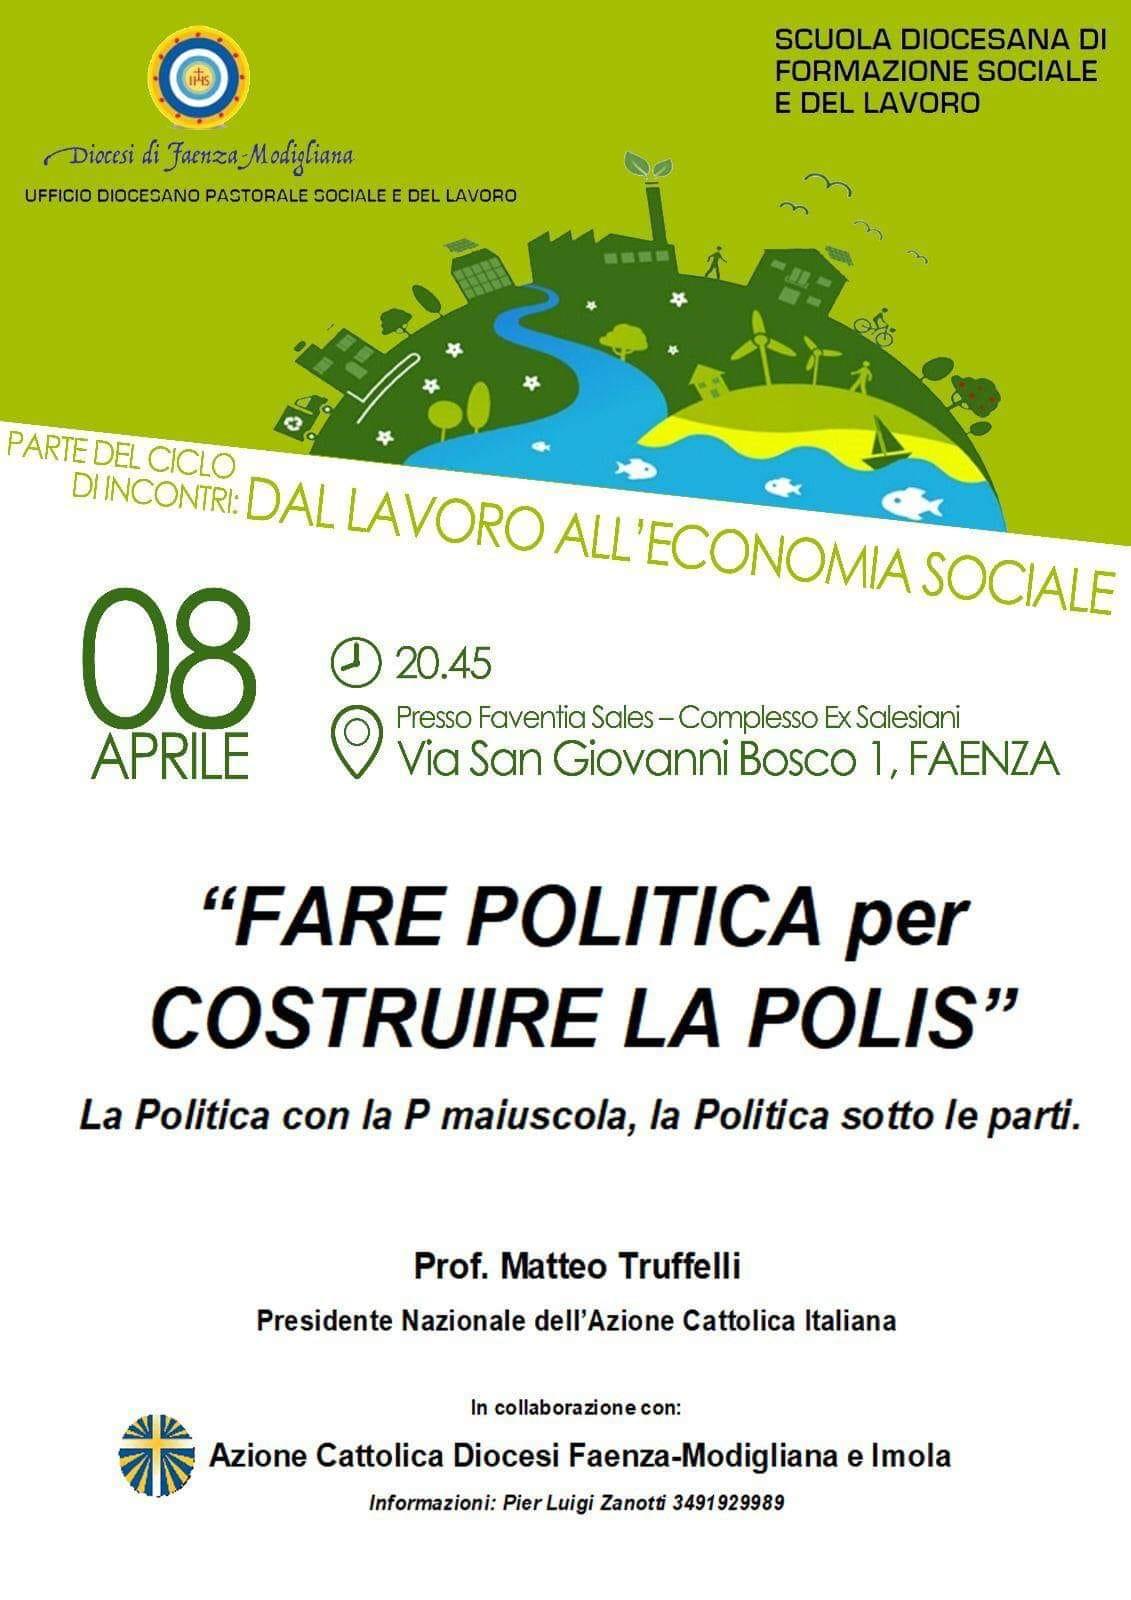 08.04.19 Azione Cattolica